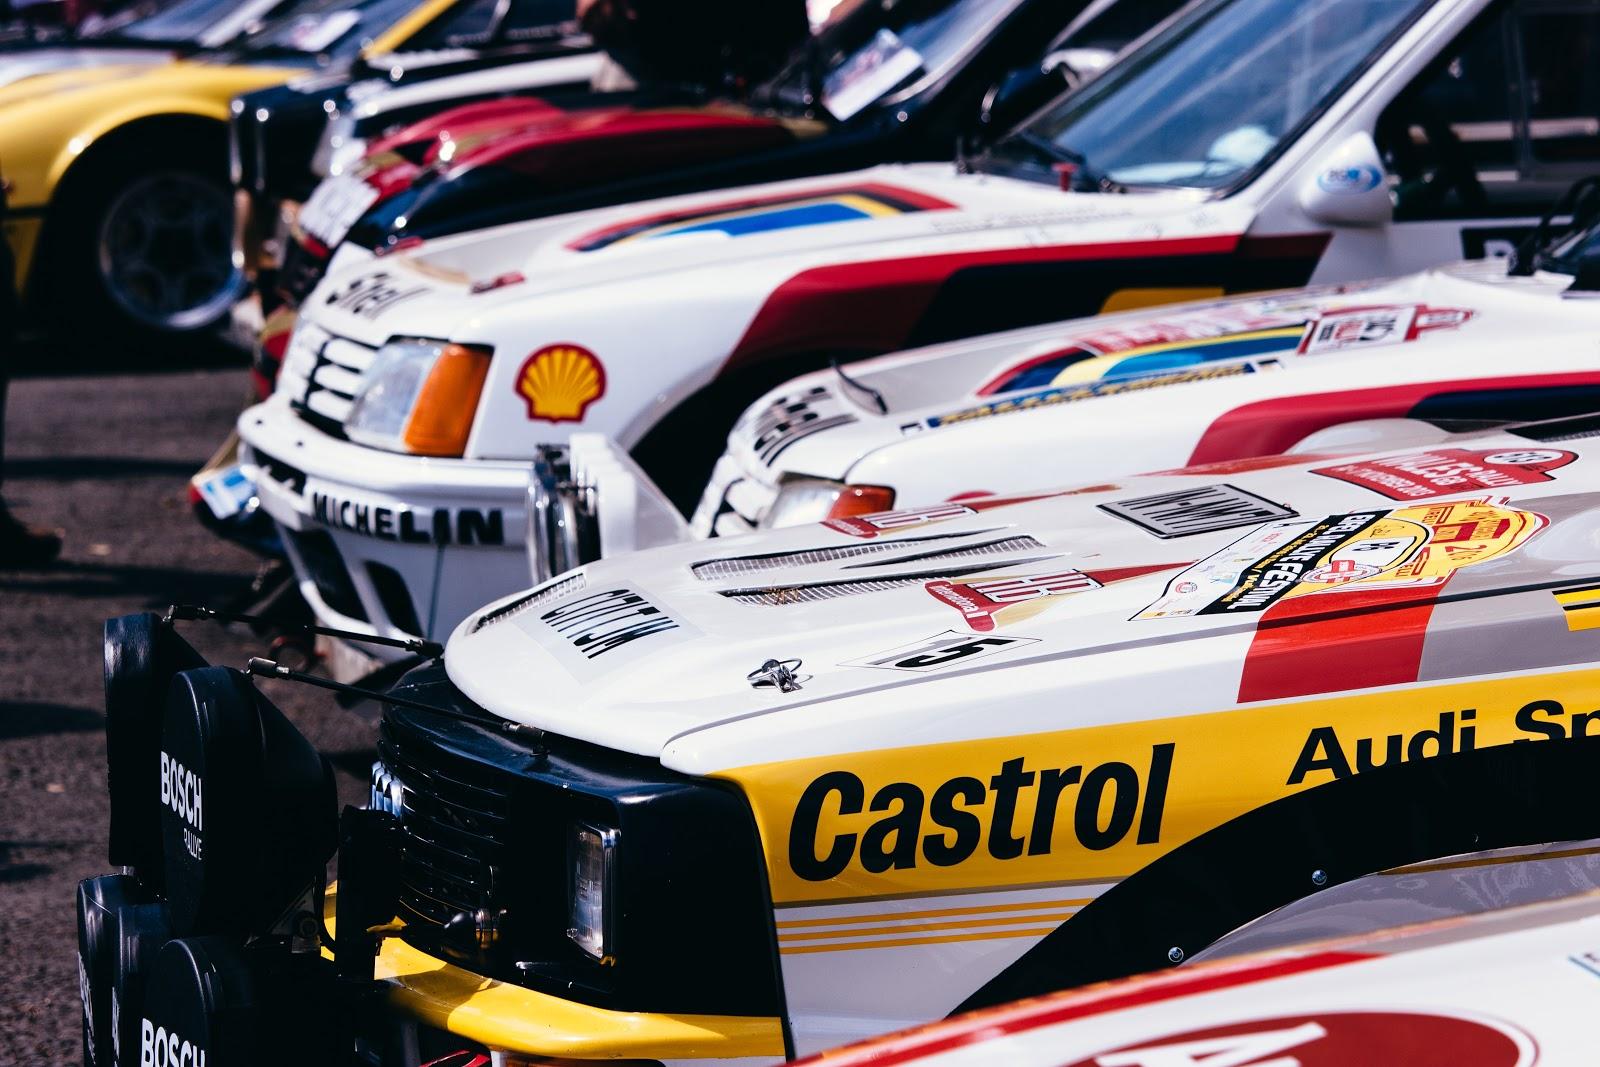 automóviles estacionados con marcas de fábrica y logotipos en el exterior